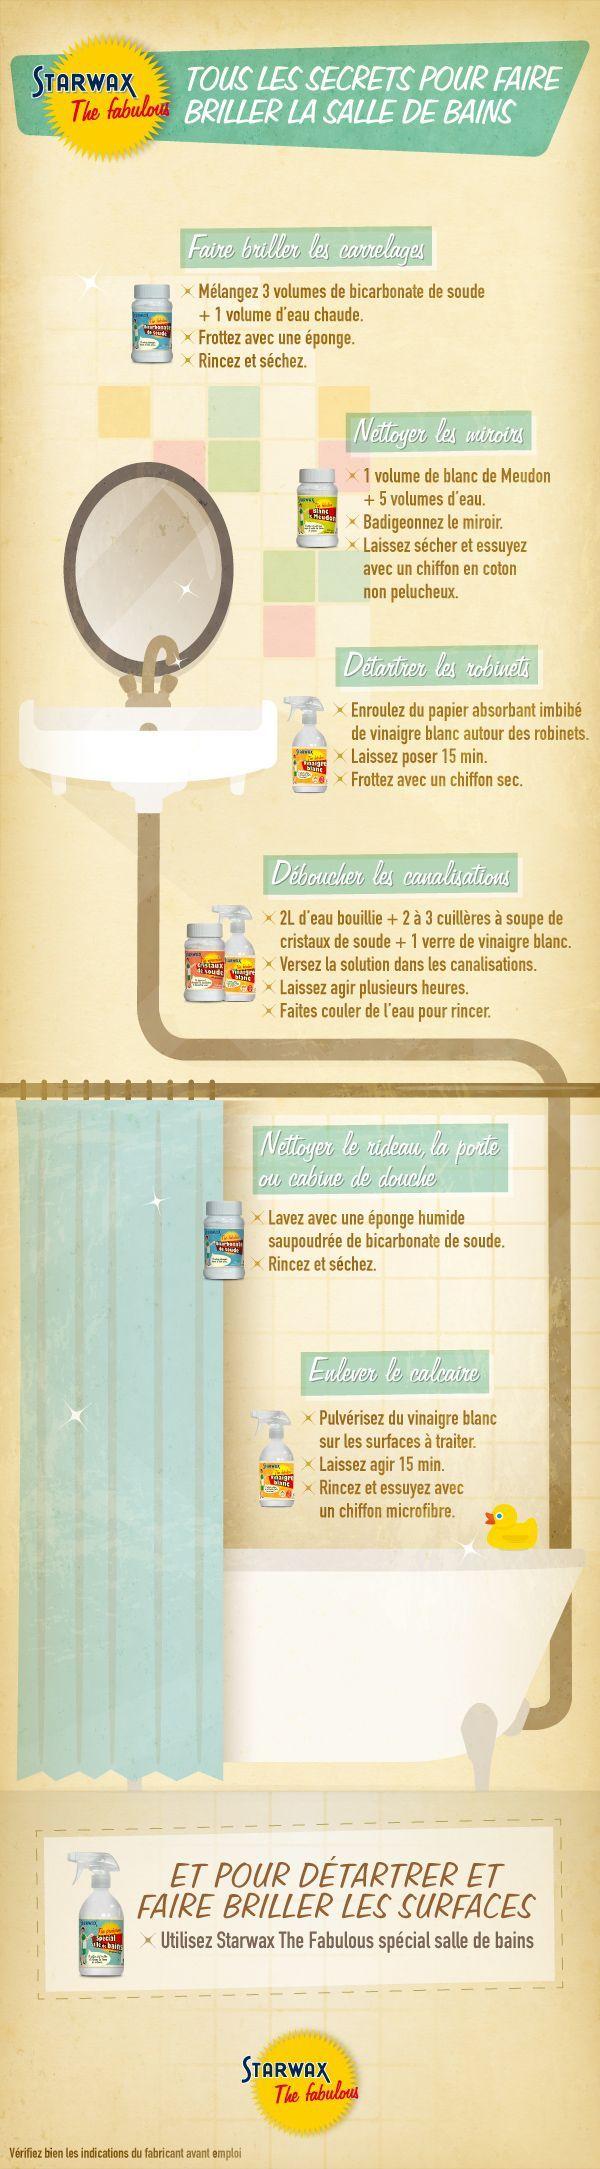 Infographie : comment nettoyer la salle de bains ?